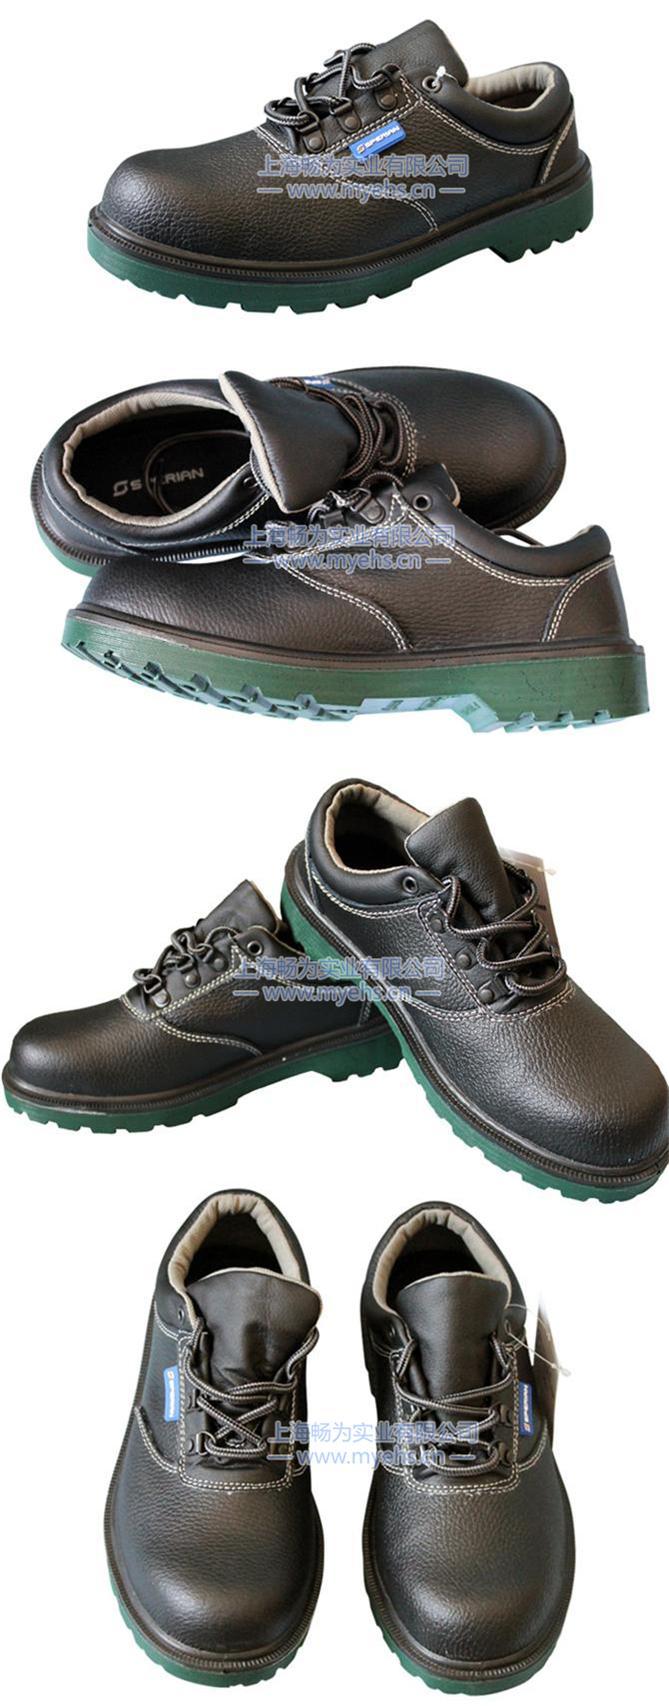 巴固RACING 防静电保护足趾安全鞋 产品展示